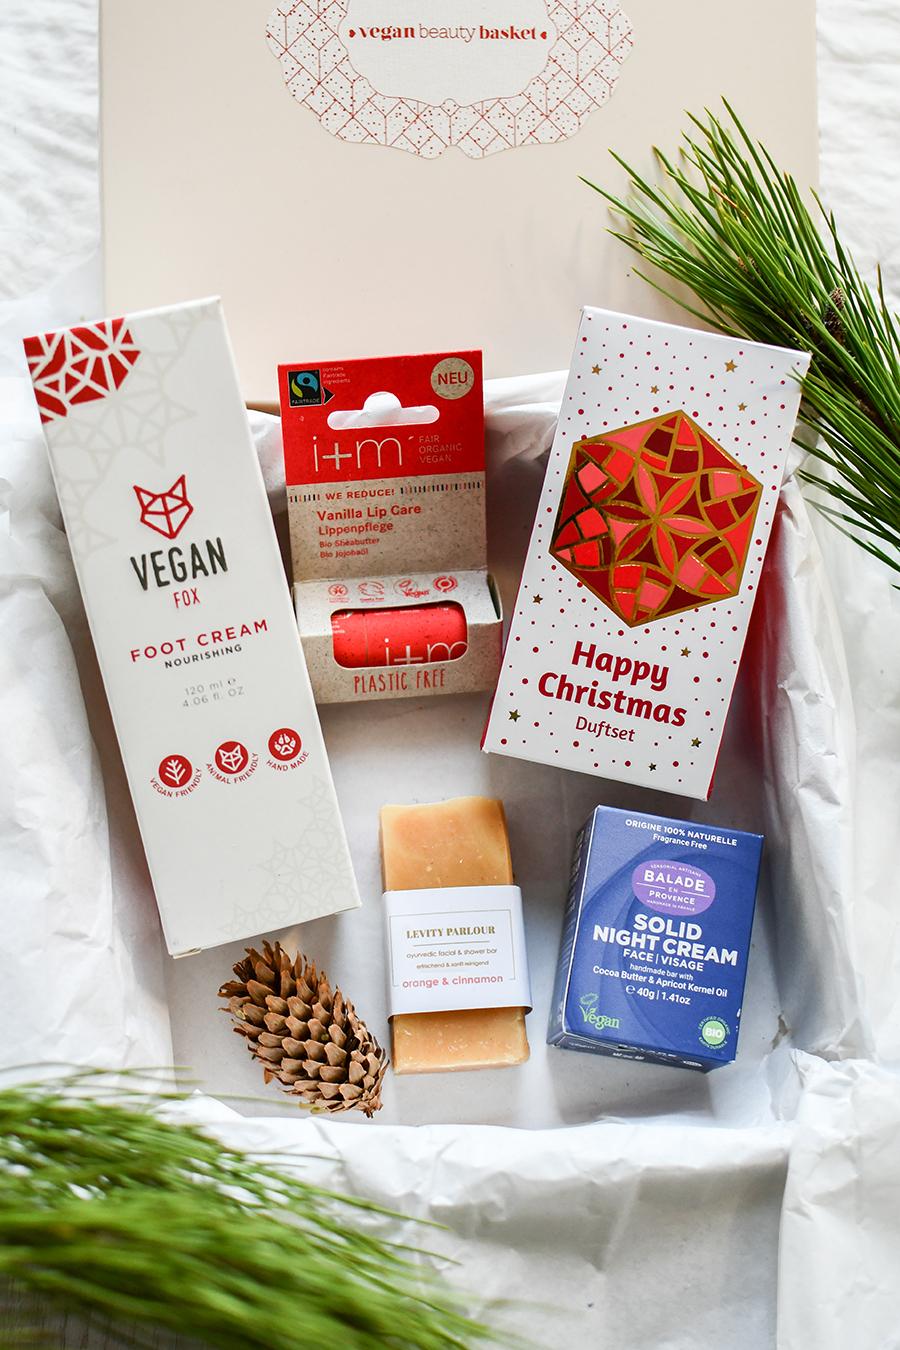 Vegan Beauty Basket – November Edition 2020 – Eine neue Box ist da! Neben einem Lidschatten, waschbaren Abschminkpads, einem Facewash und einem Feuchtigkeitsserum, ist ein Body Scrub und ein Armo-Pflegeöl enthalten. Ich zeig euch heute alle Produkte im Detail.